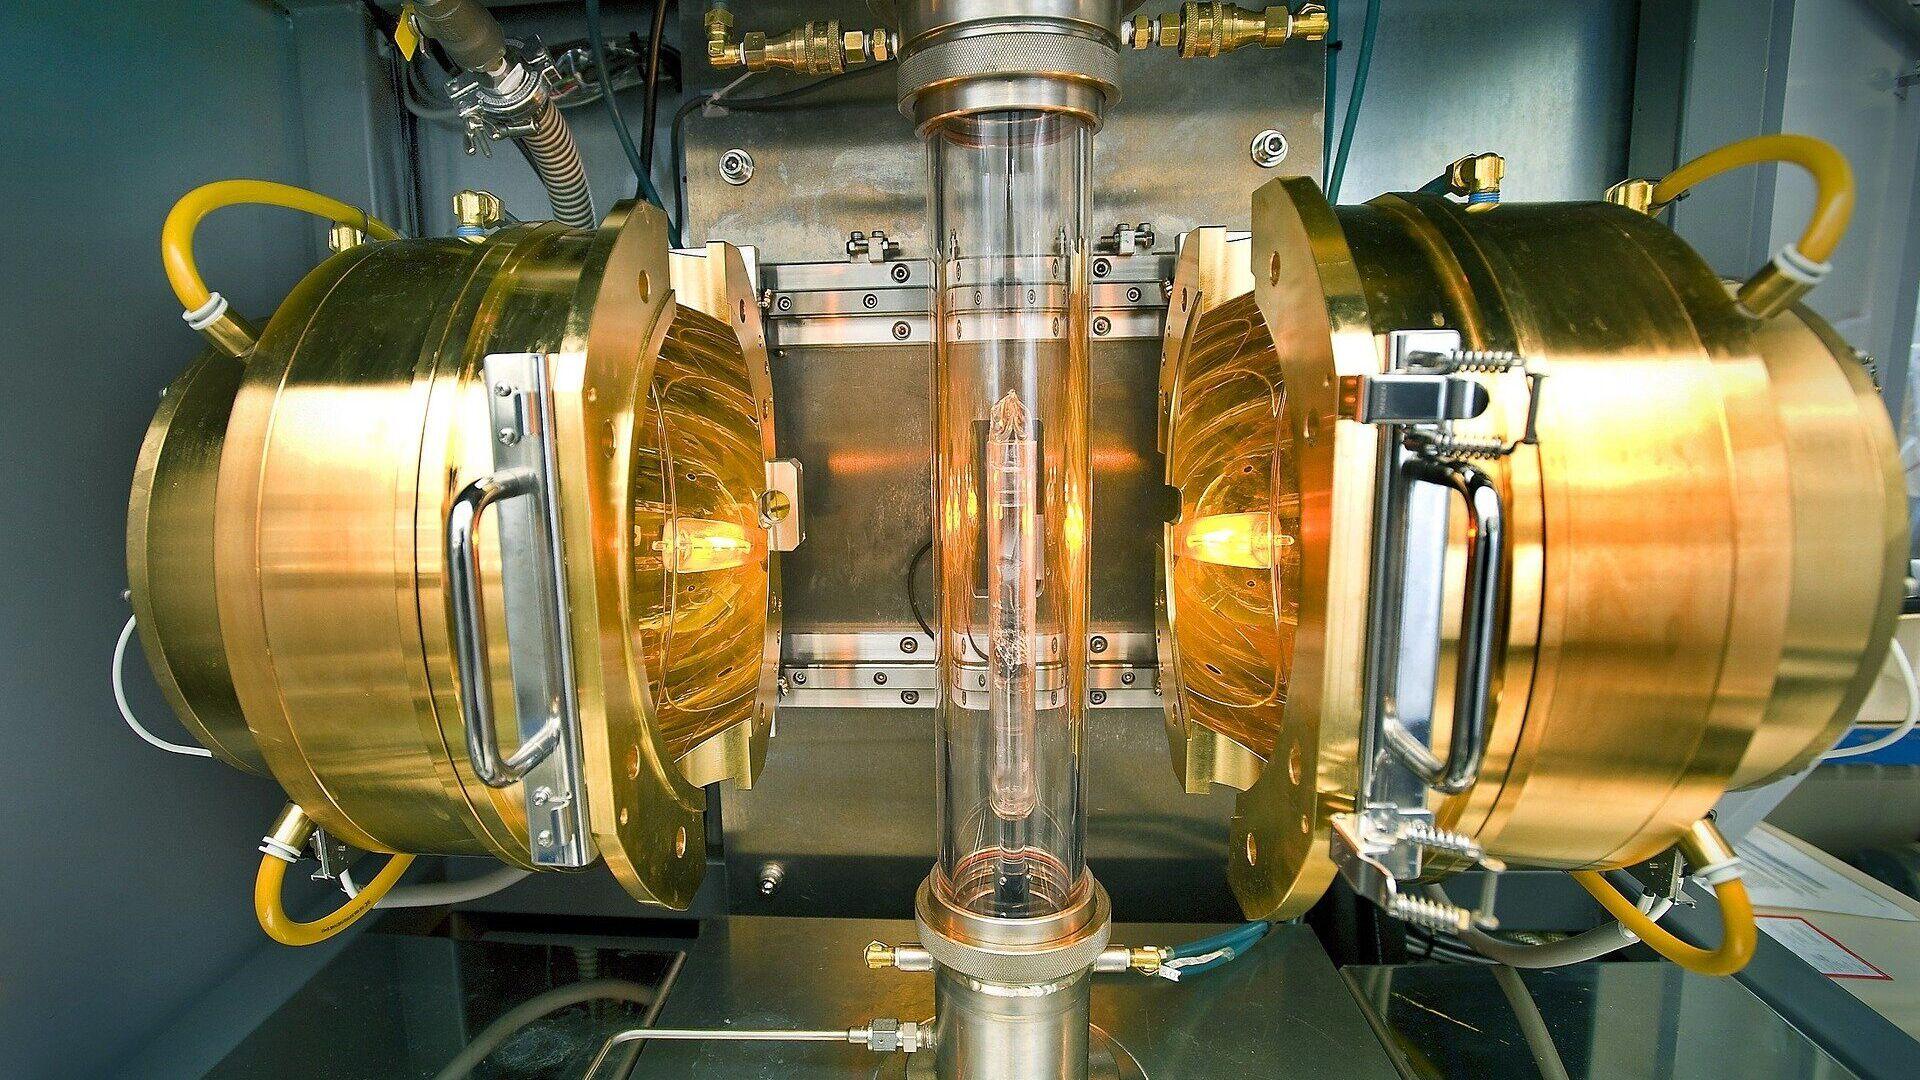 Установка, где был синтезирован сверхпроводник из лантана и водорода - РИА Новости, 1920, 09.09.2020